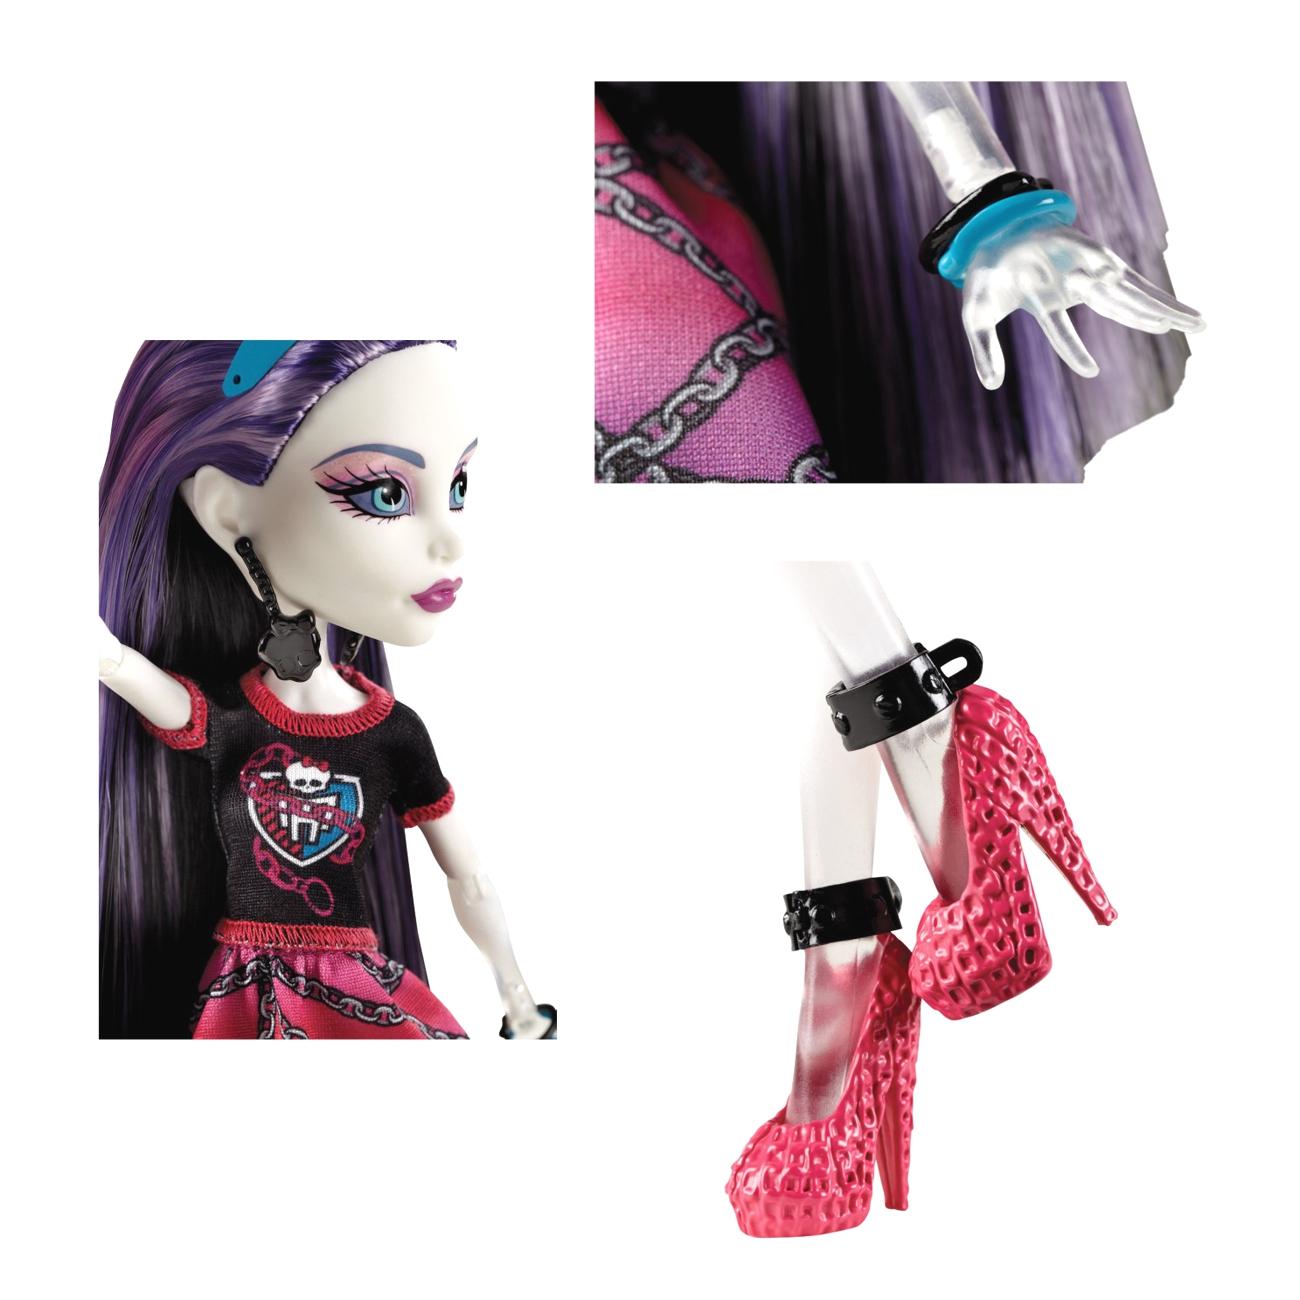 Кукла Monster High серии Ученики Spectra Vondergeist